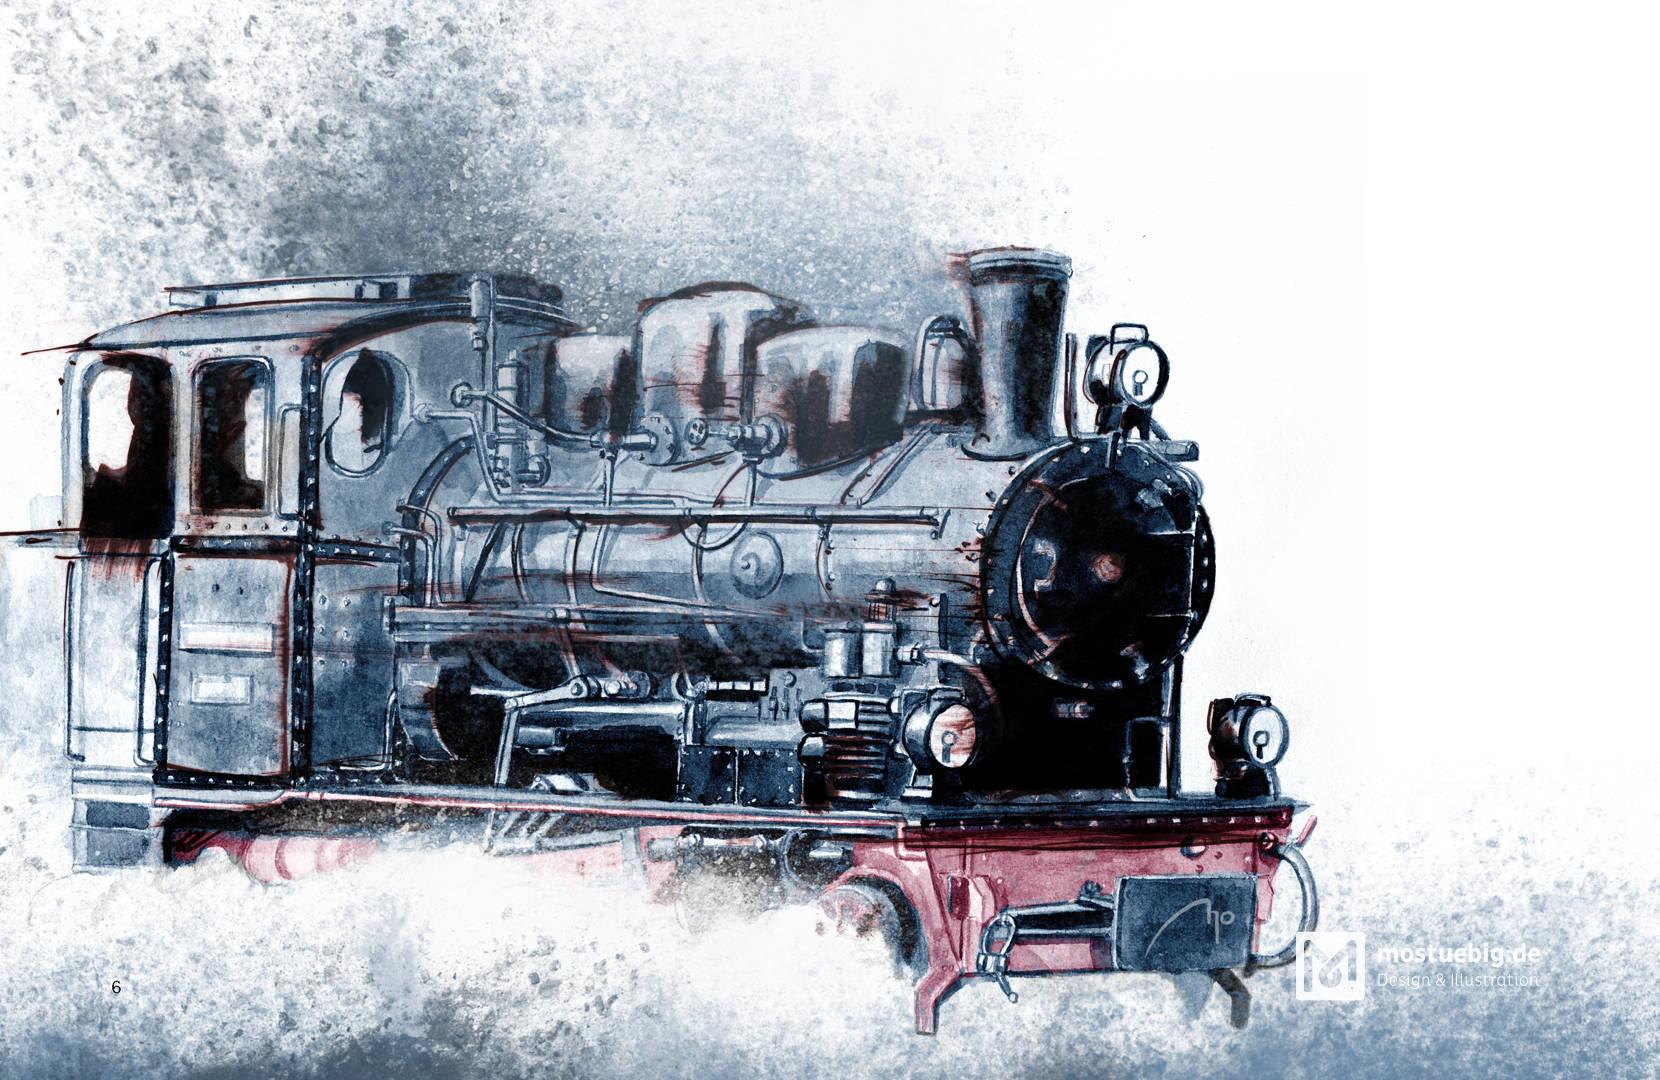 Illustration einer nach rechts fahrenden Dampflok. Mischtechnik Aquarell, digital